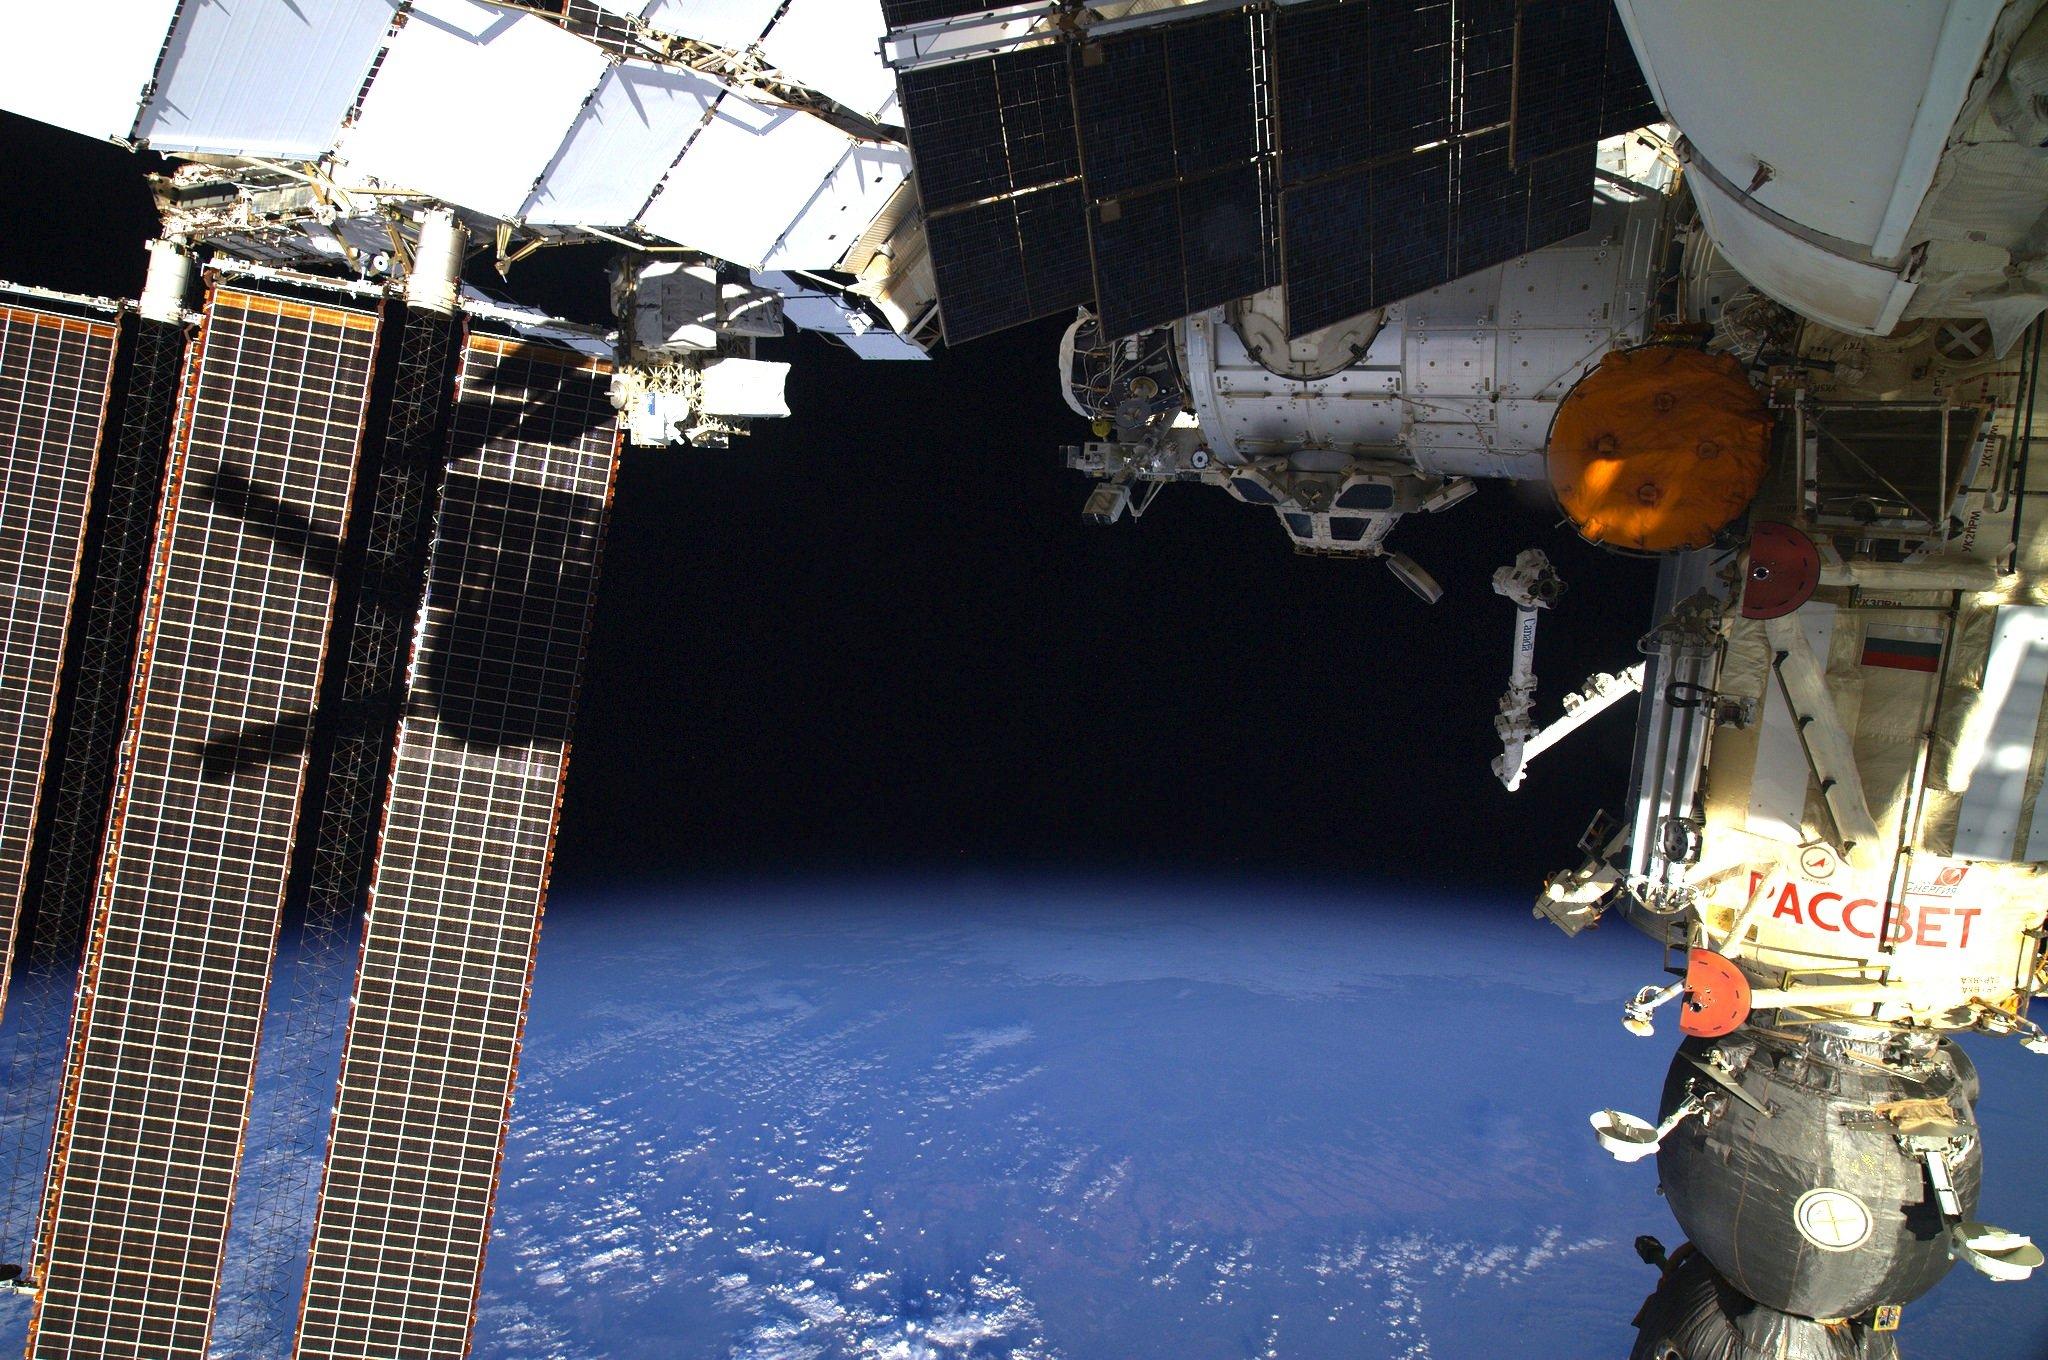 Der deutsche Astronaut Alexander Gerst und sein US-KollegeReid Wiseman werden einPumpenmodul reparieren. Der Außeneinsatz am Dienstag wird rund sieben Stunden dauern und wird live von NASA und DLR übertragen.